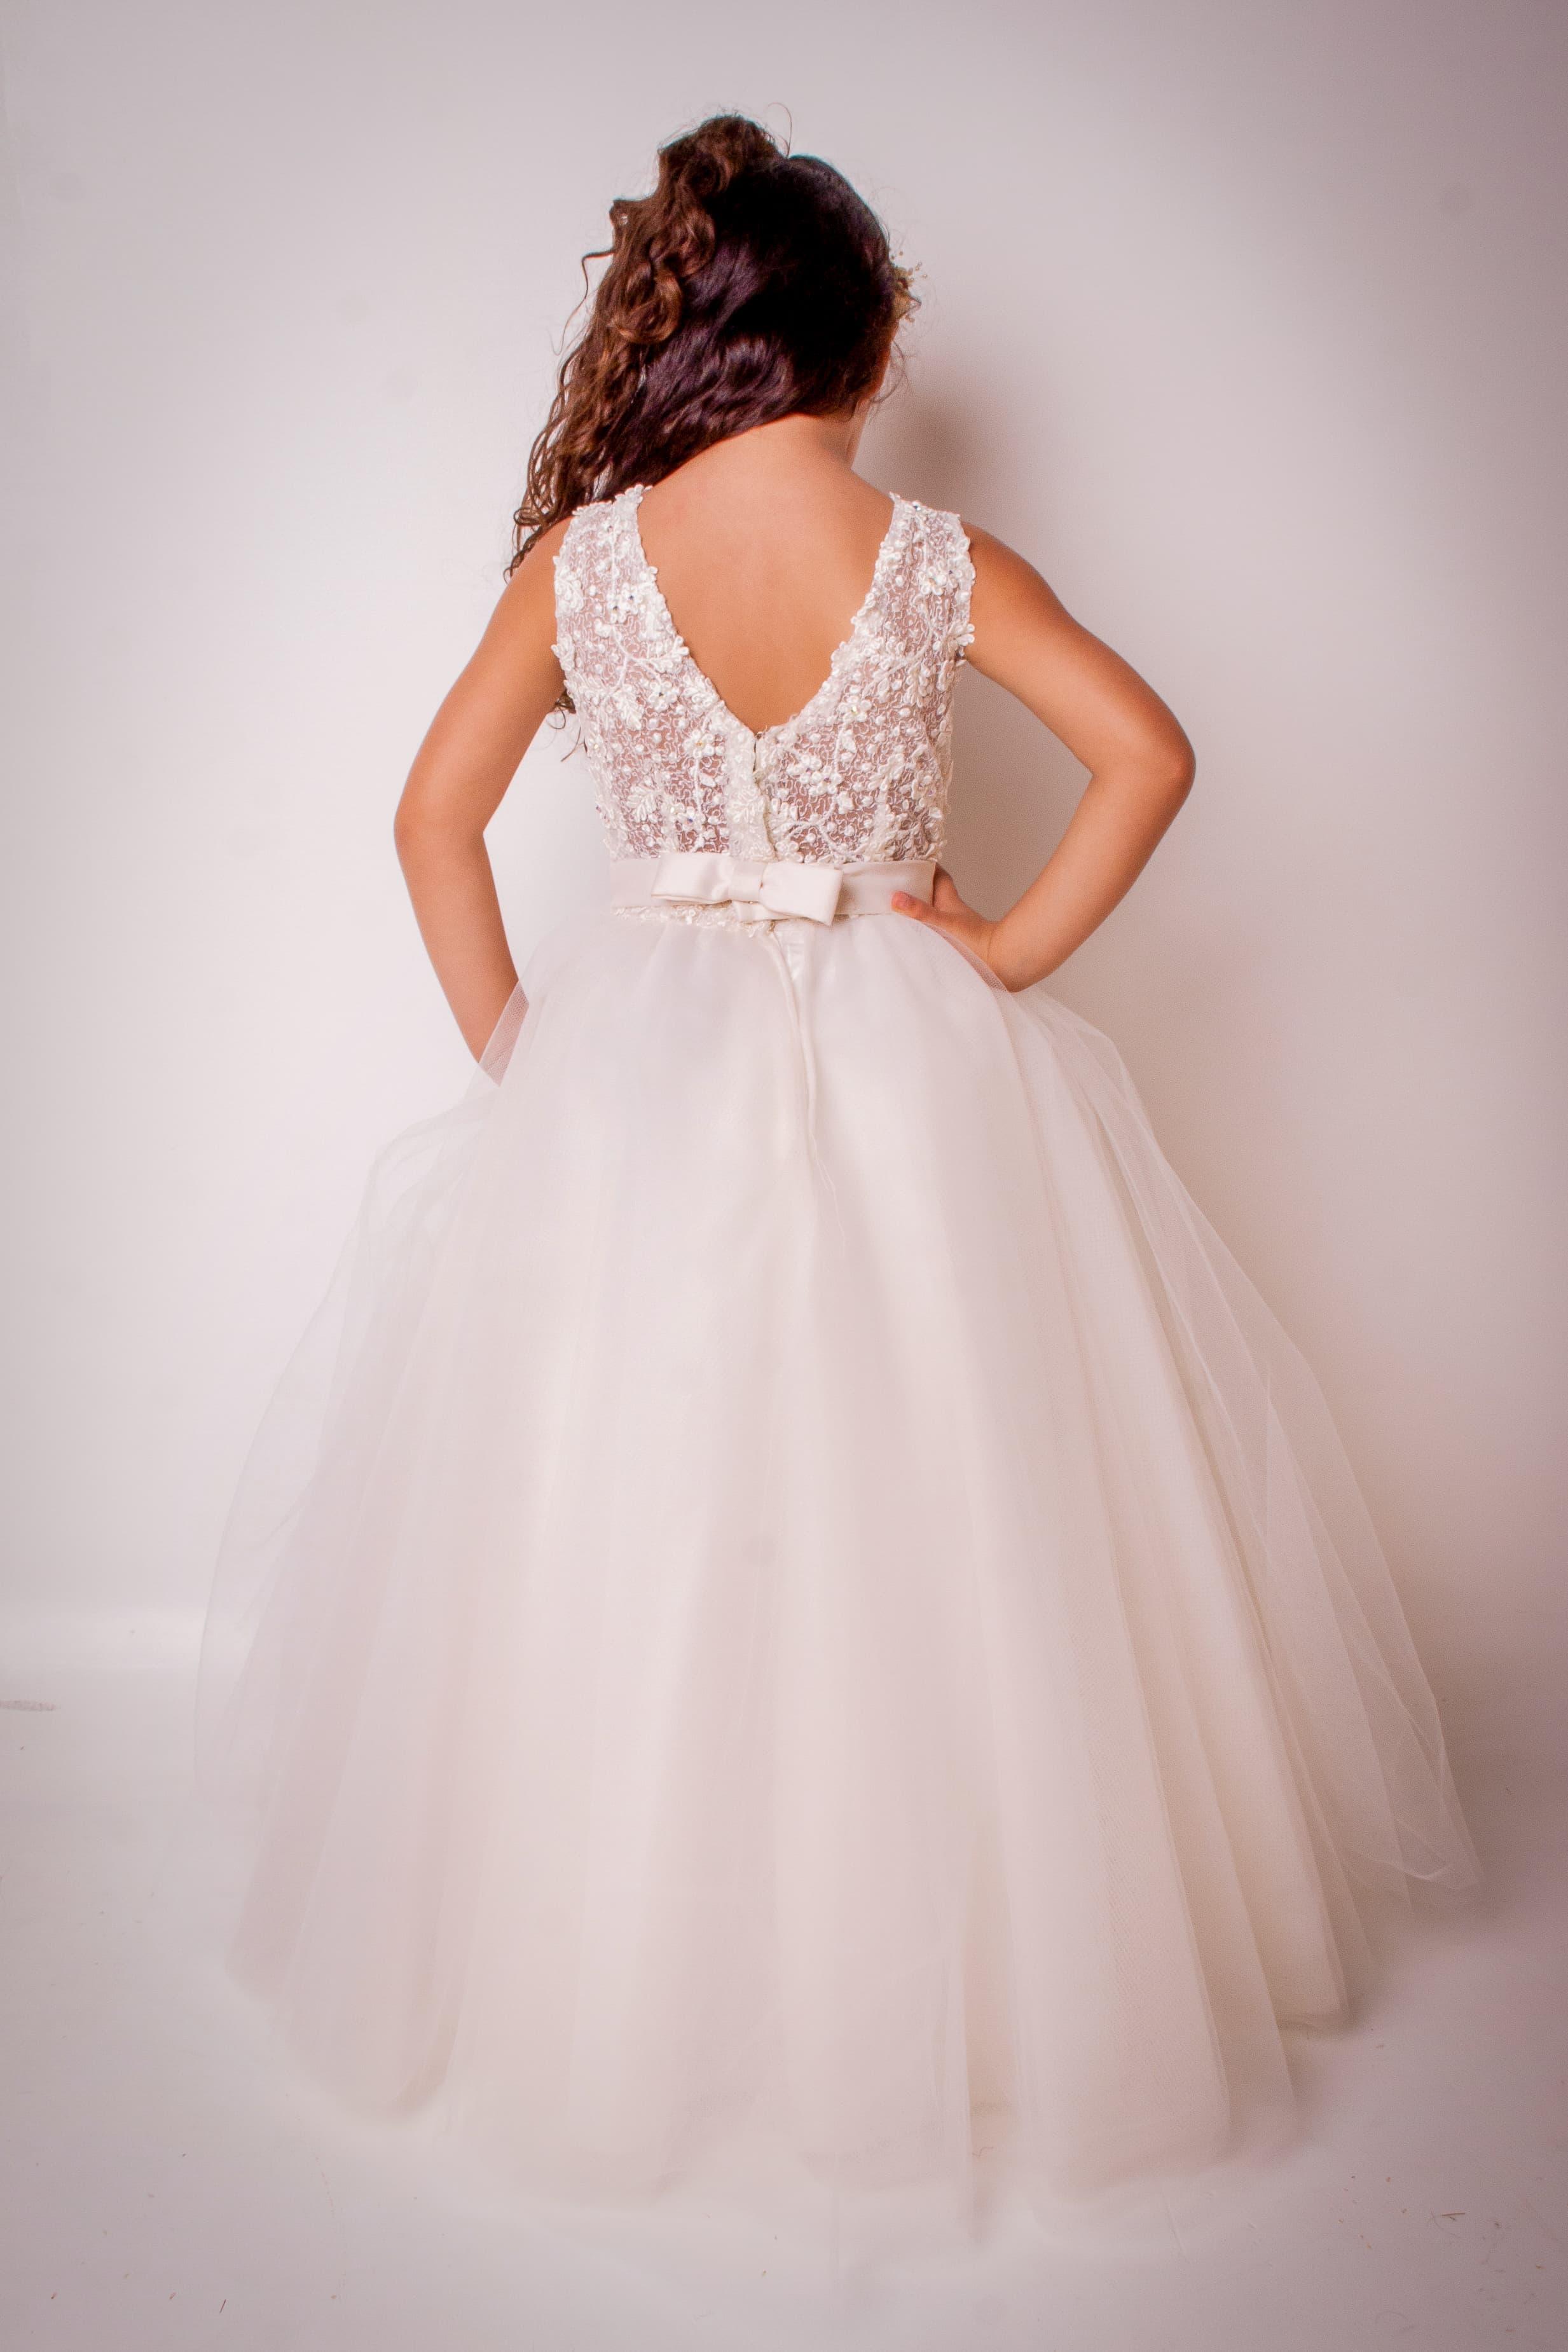 11 - Vestido de daminha em renda offwhite com saia de tule e cristais